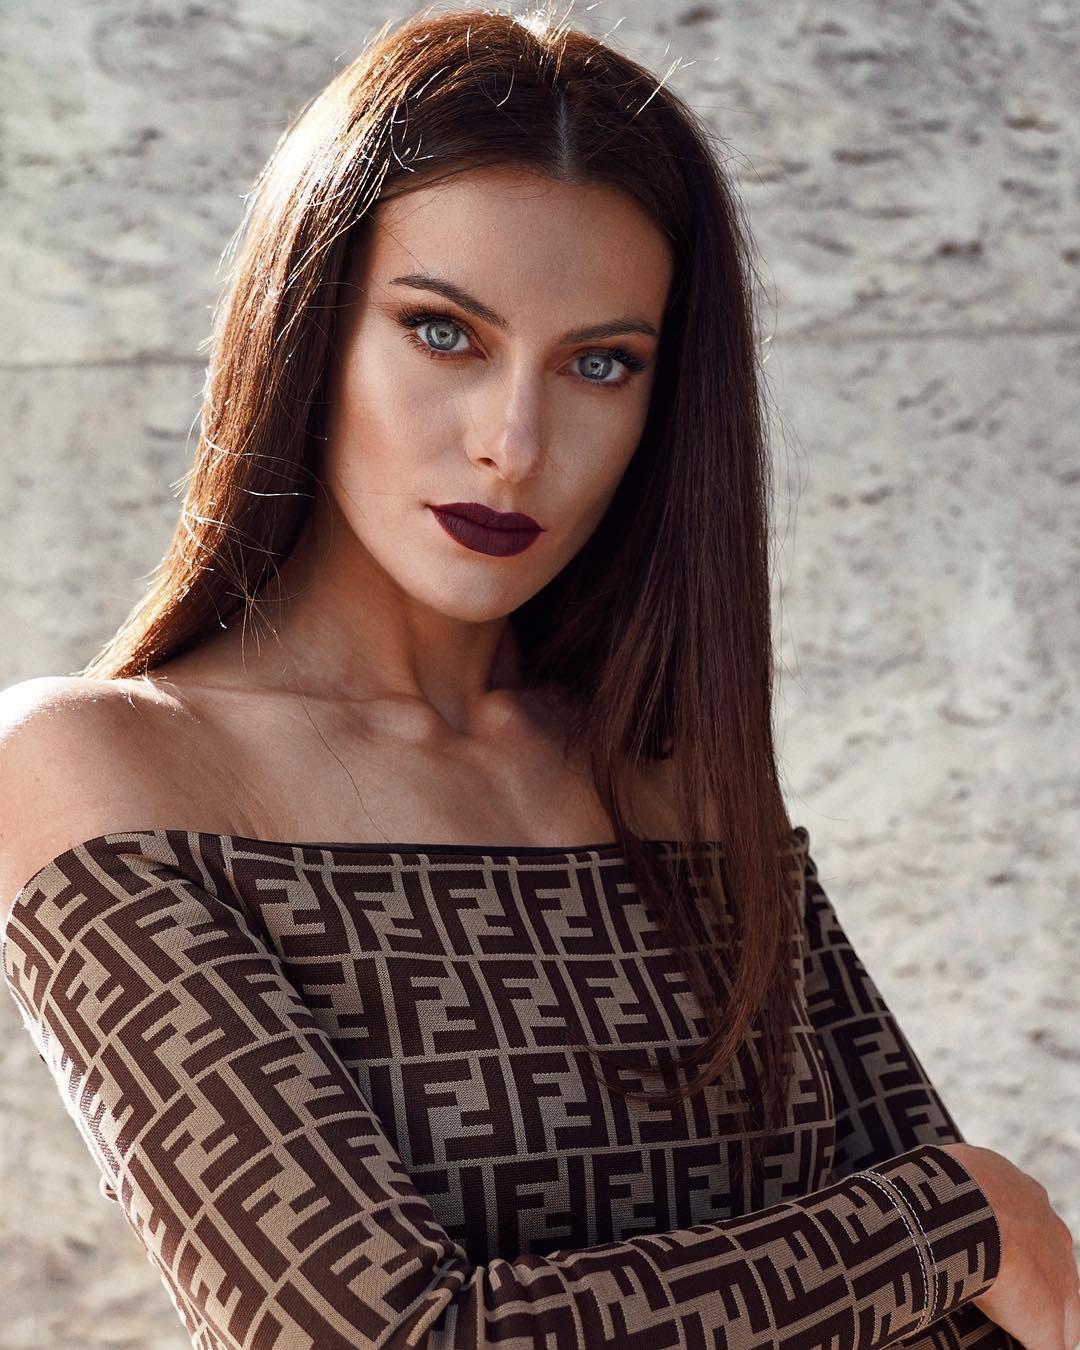 Paola Turani's Make Up